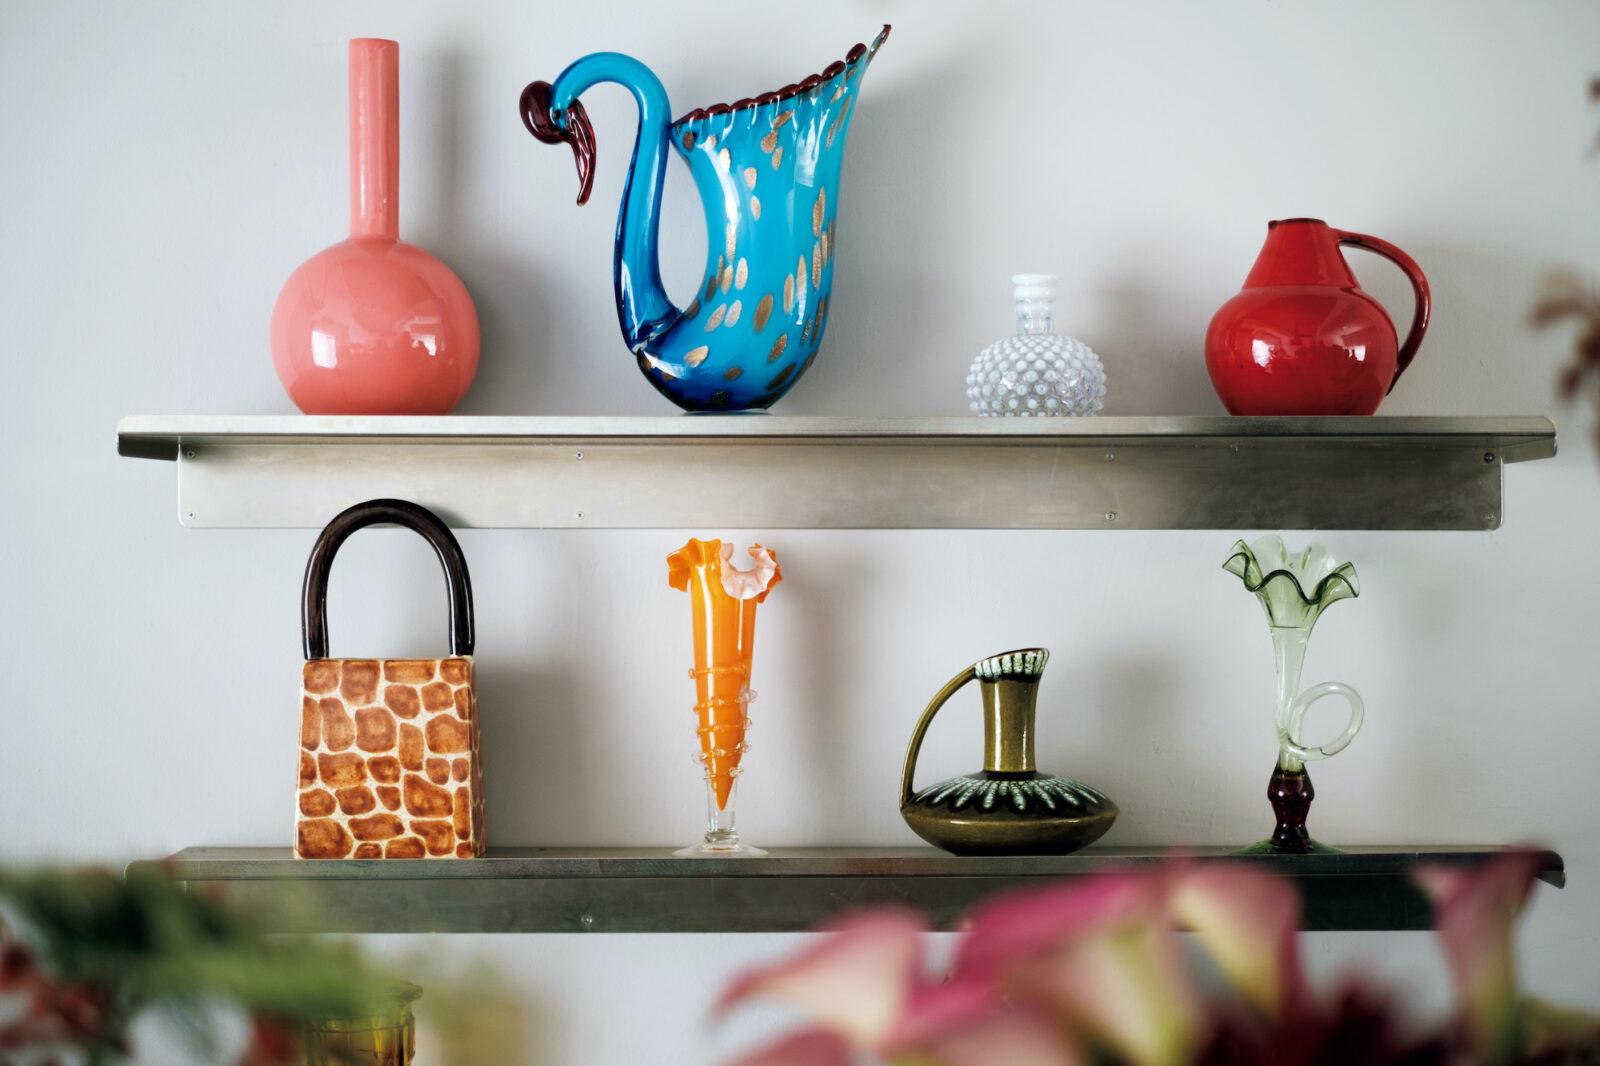 バルセロナのデザイナー、バレリア・バッシの作品(左上)など一点ものの花器は販売も。